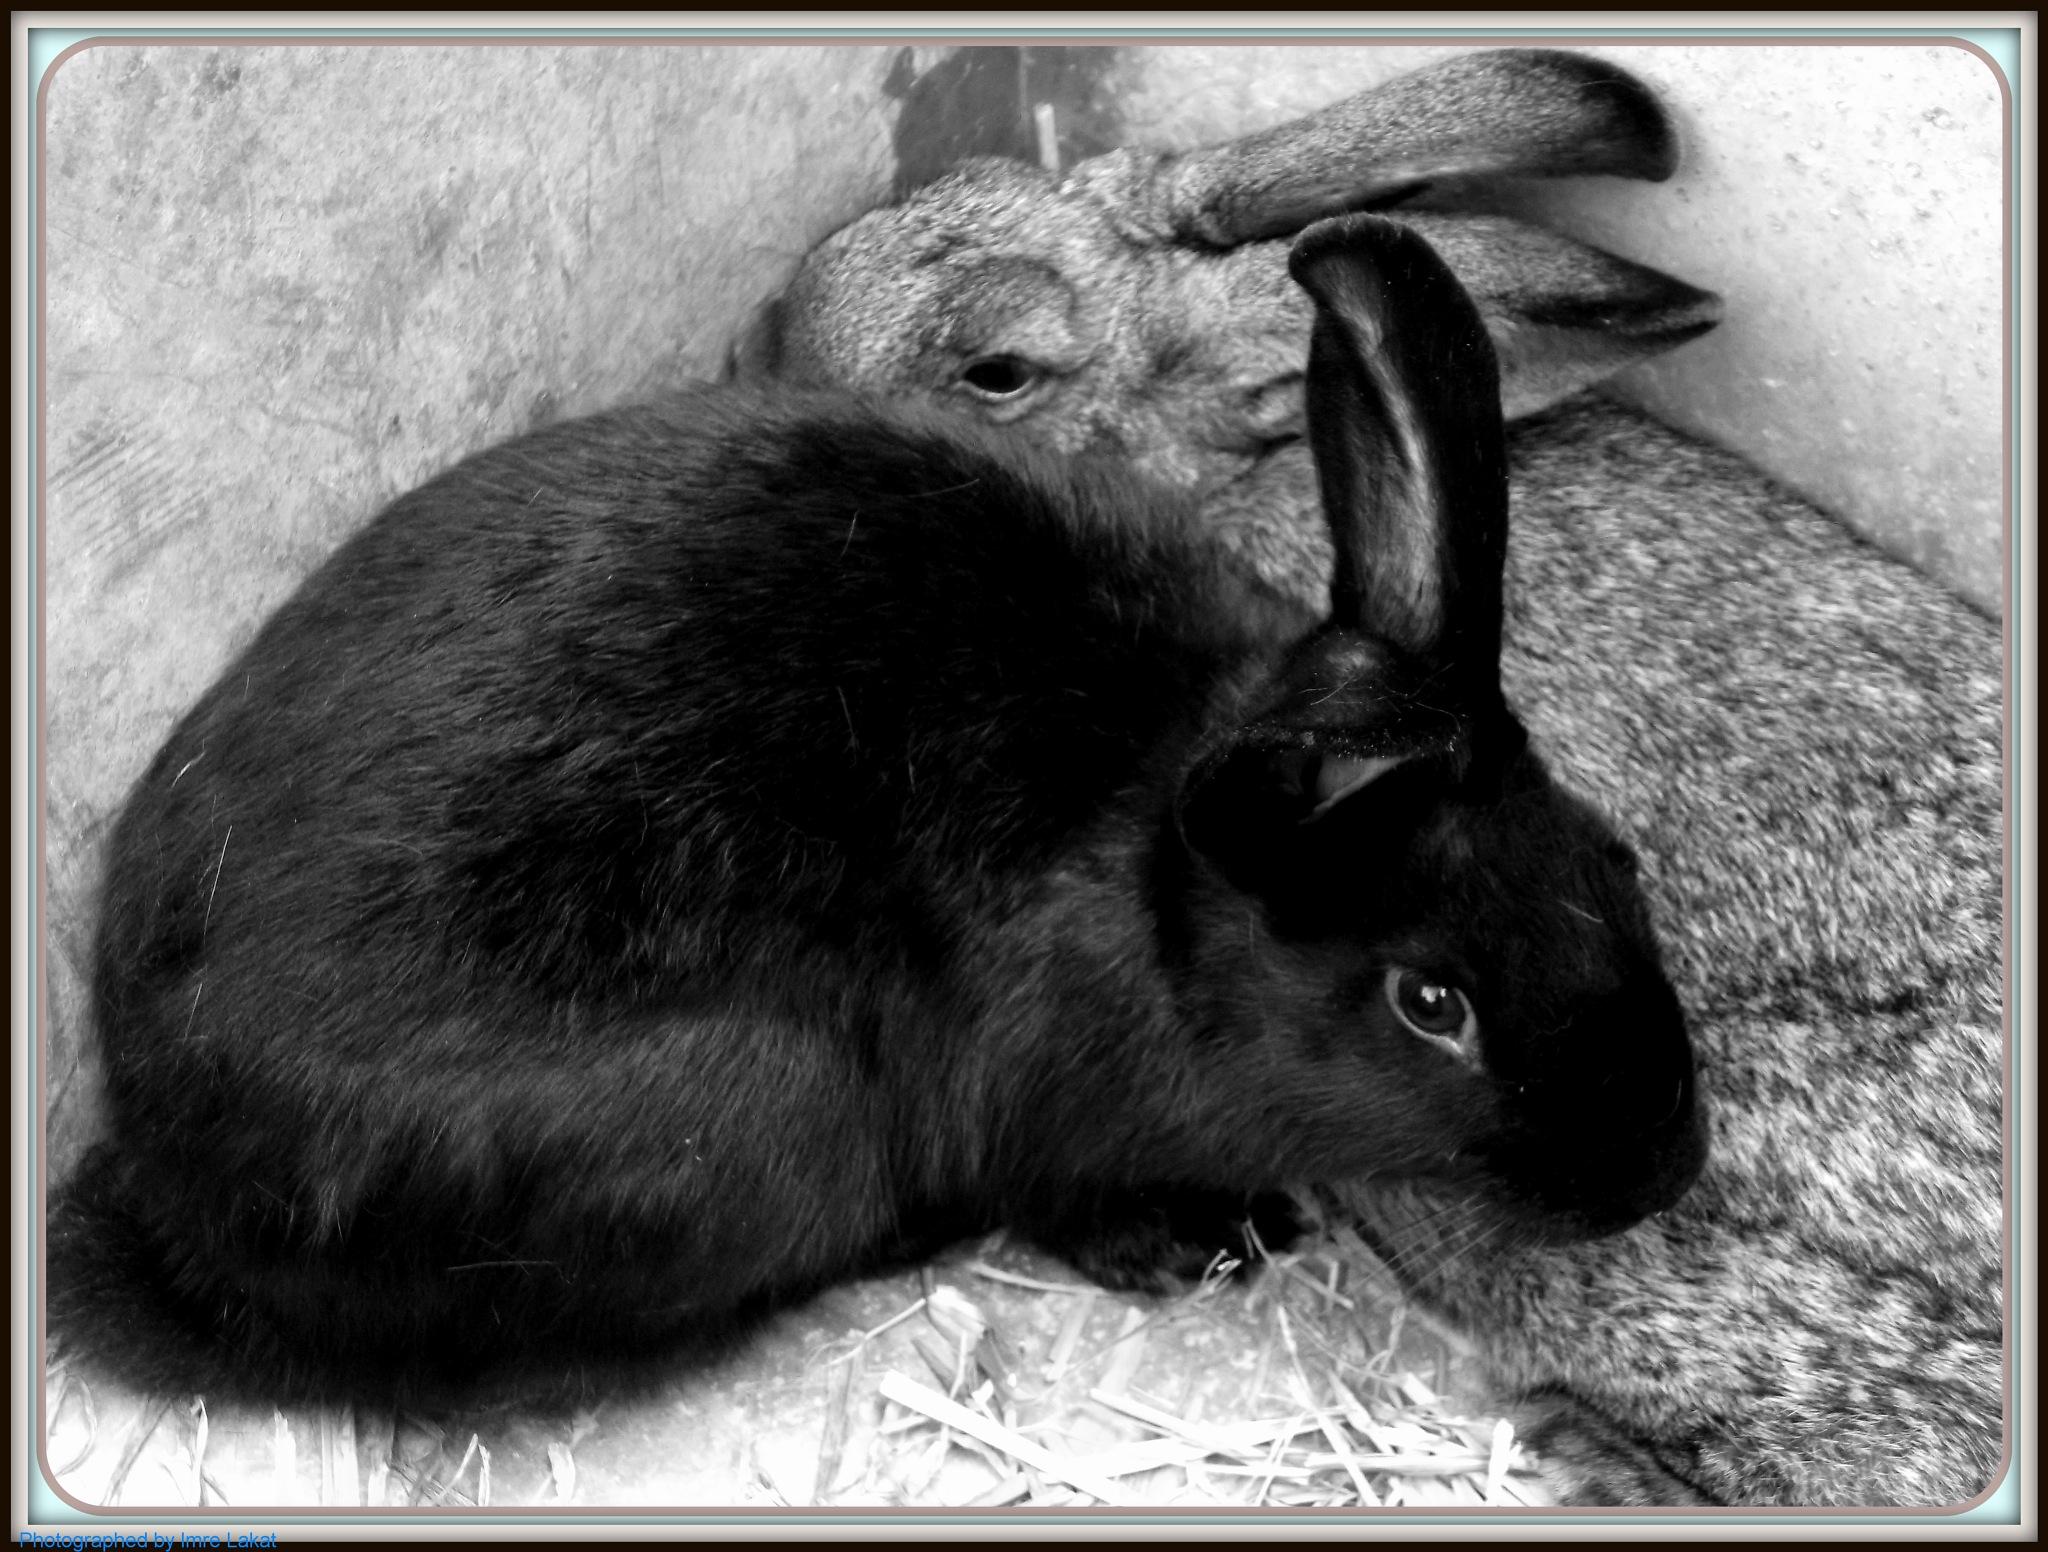 Cuddly Rabbit by Imre Lakat